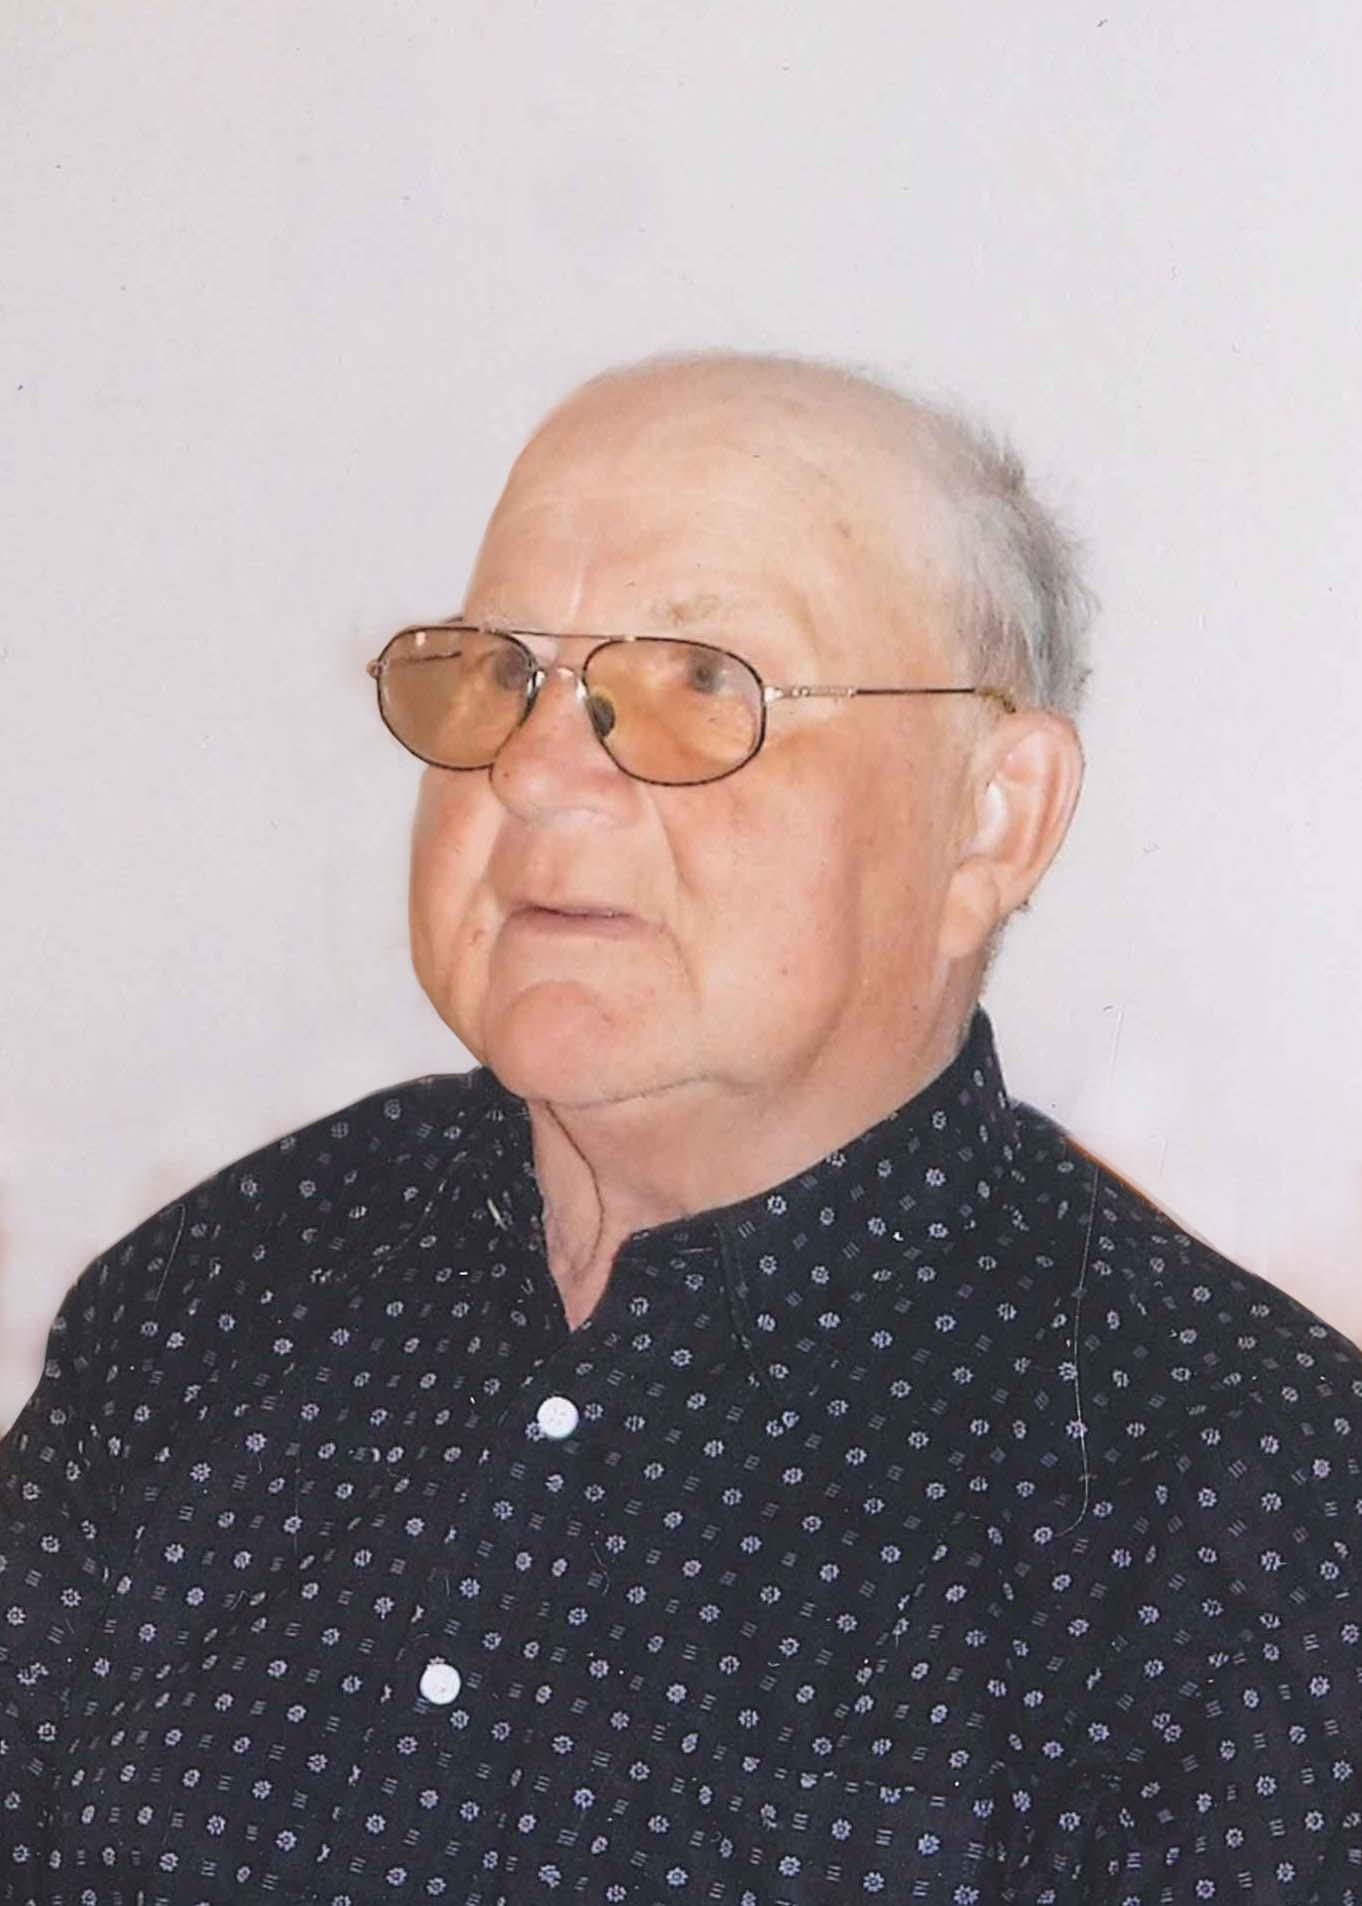 Gottfried Doppelhofer